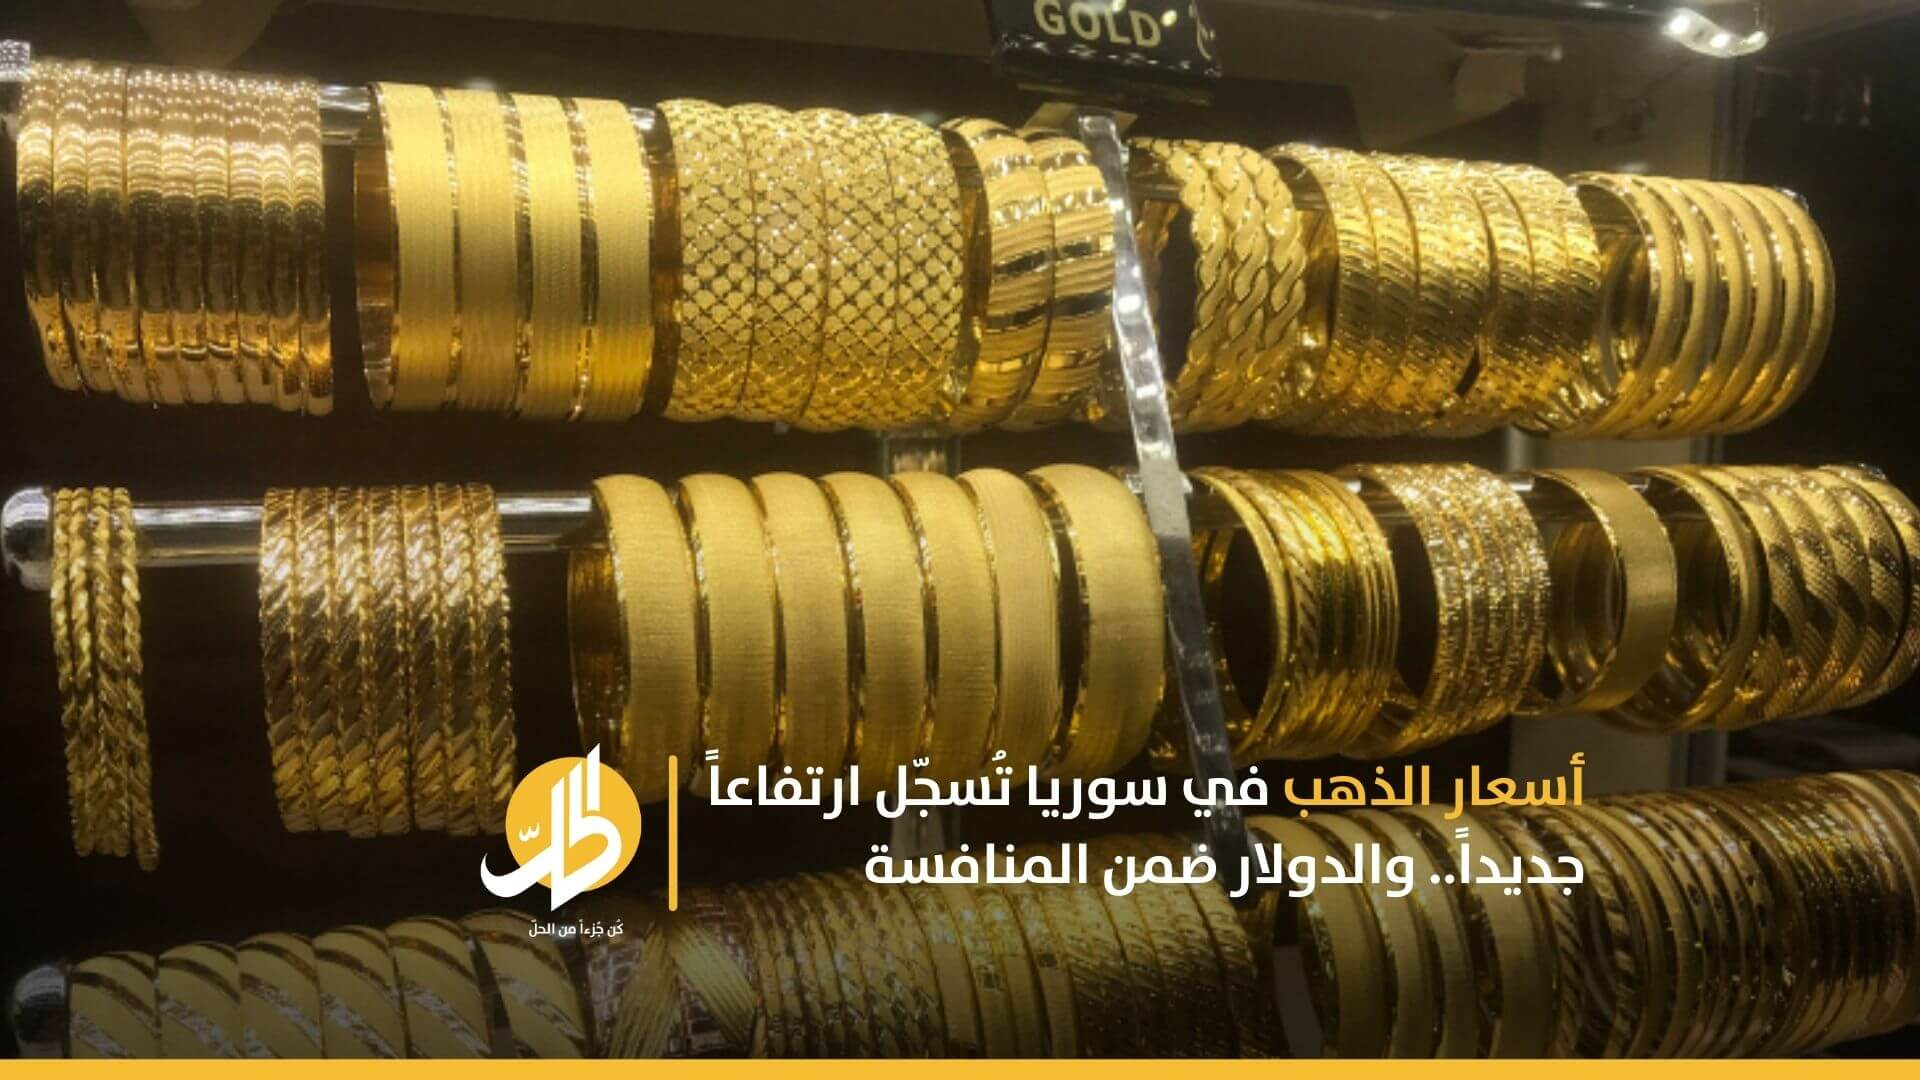 أسعار الذهب في سوريا تُسجّل ارتفاعاً جديداً.. والدولار ضمن المنافسة